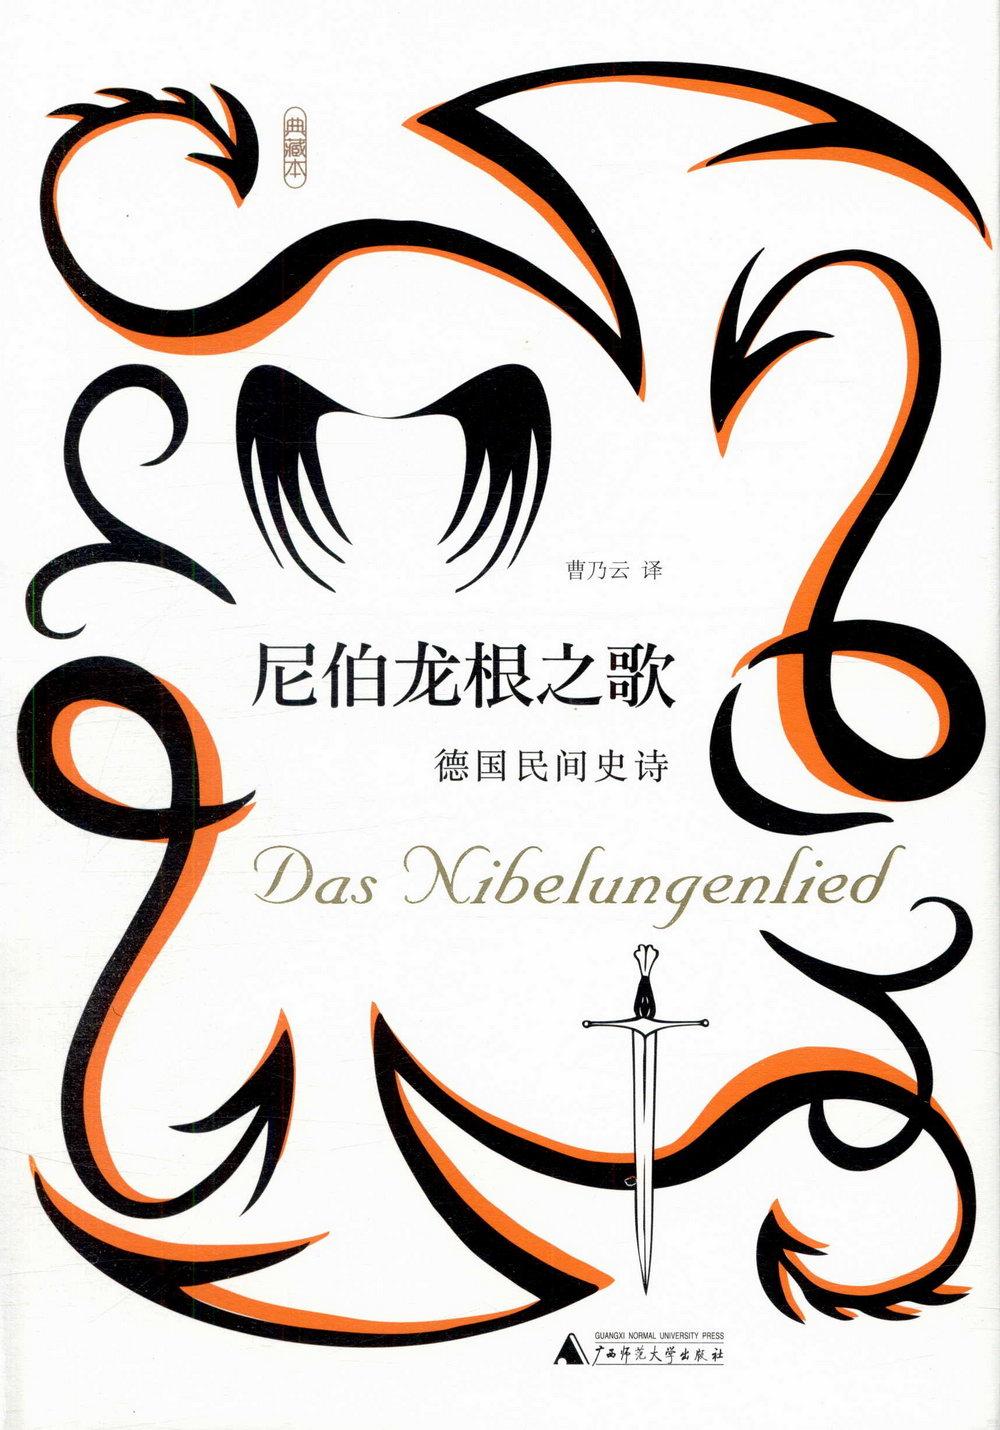 尼伯龍根之歌:德國民間史詩